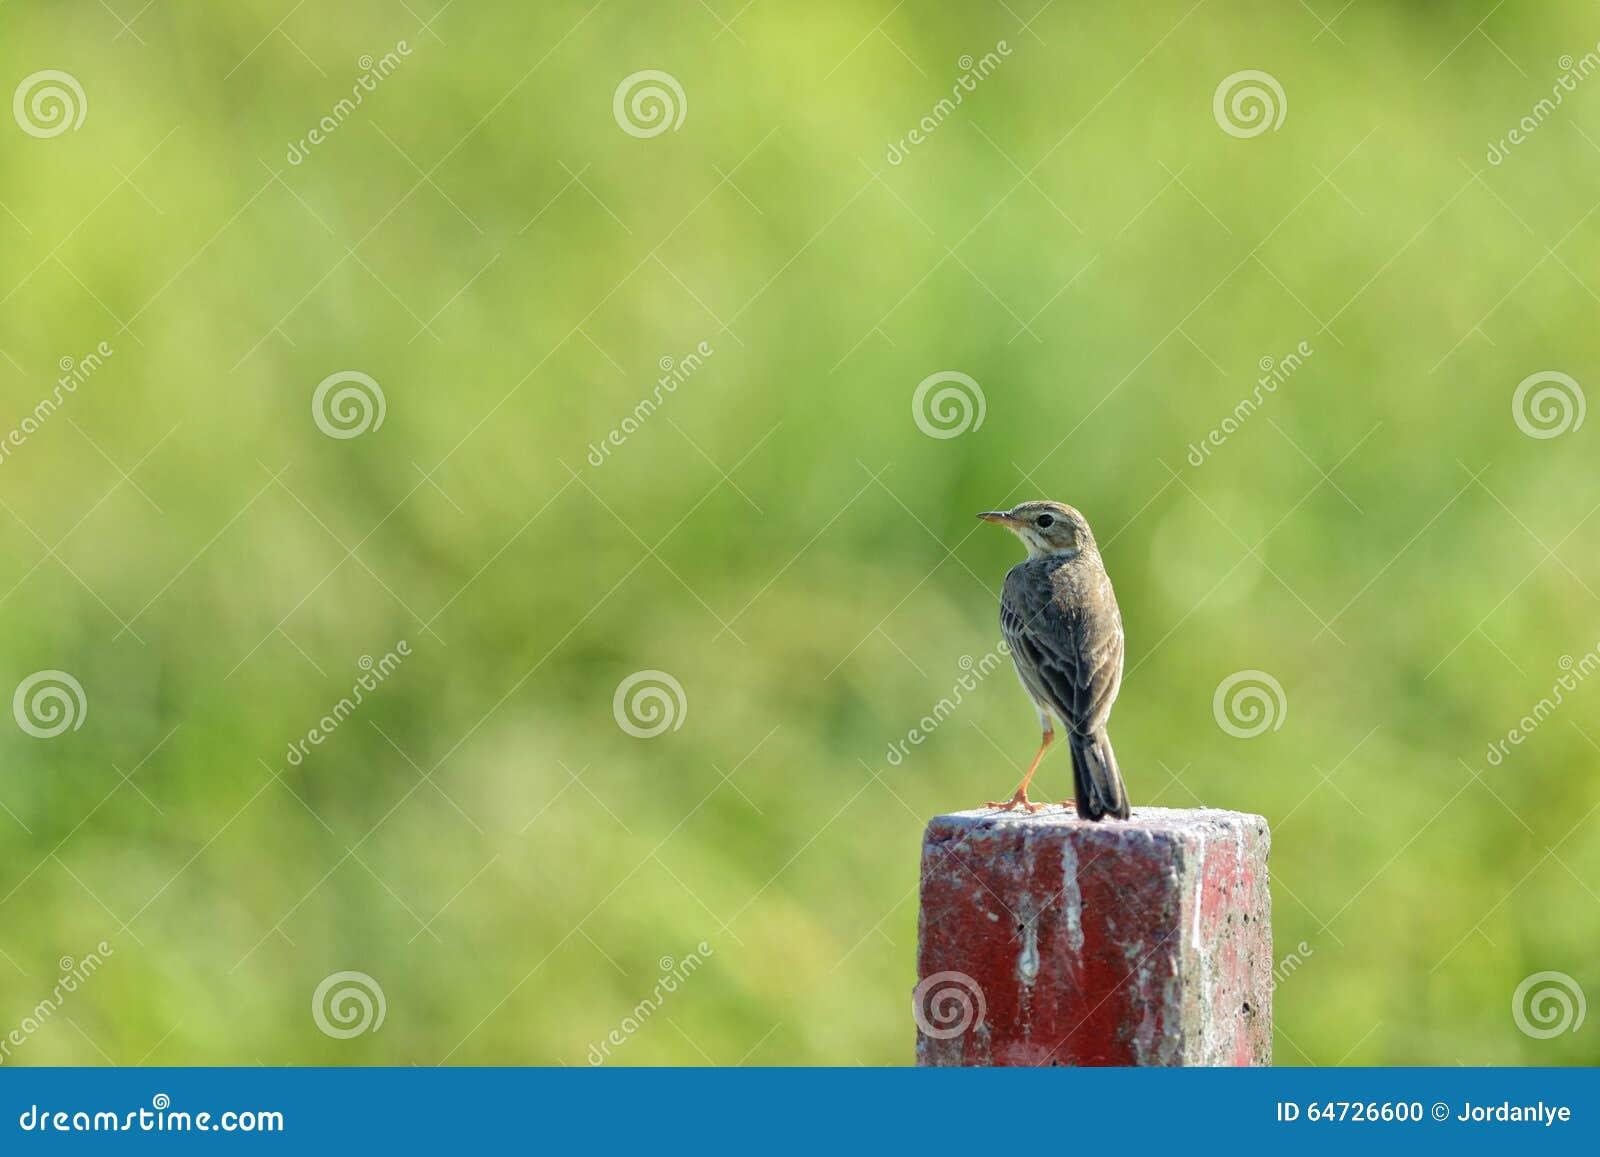 Drossel-Vogel, der auf einem Holzklotz steht